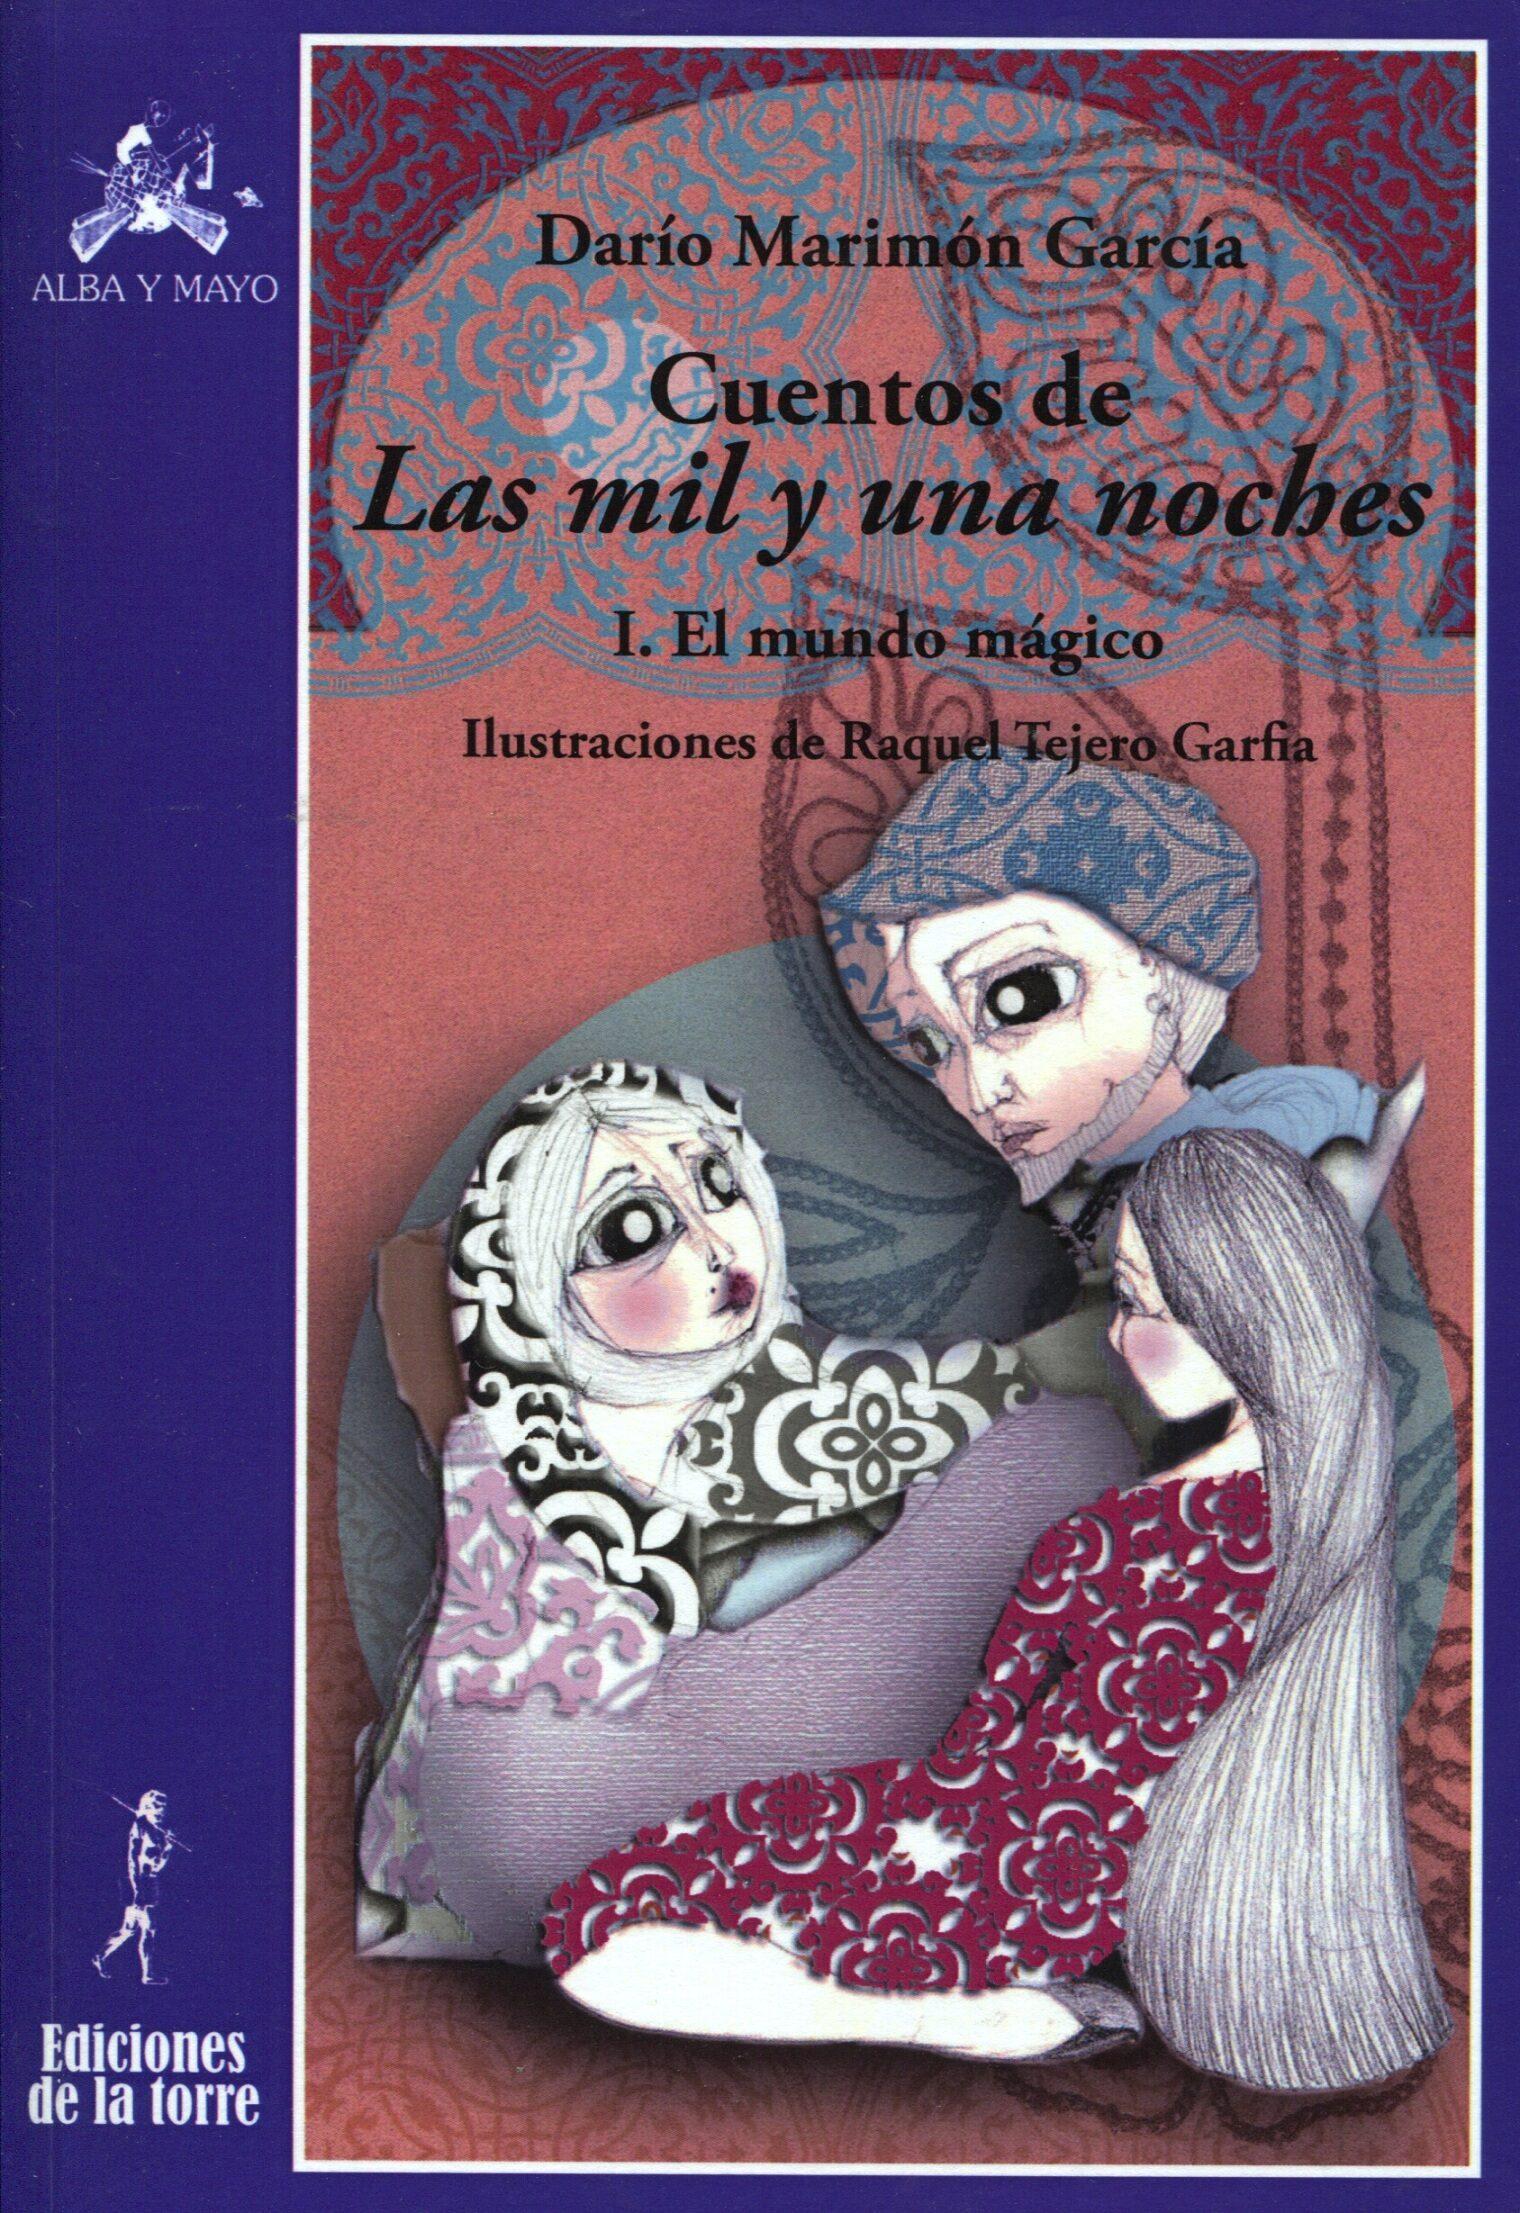 Cuentos De Las Mil Y Una Noches: I. Cuentos De Magia Y Fantasia - Marimon Garcia Dario